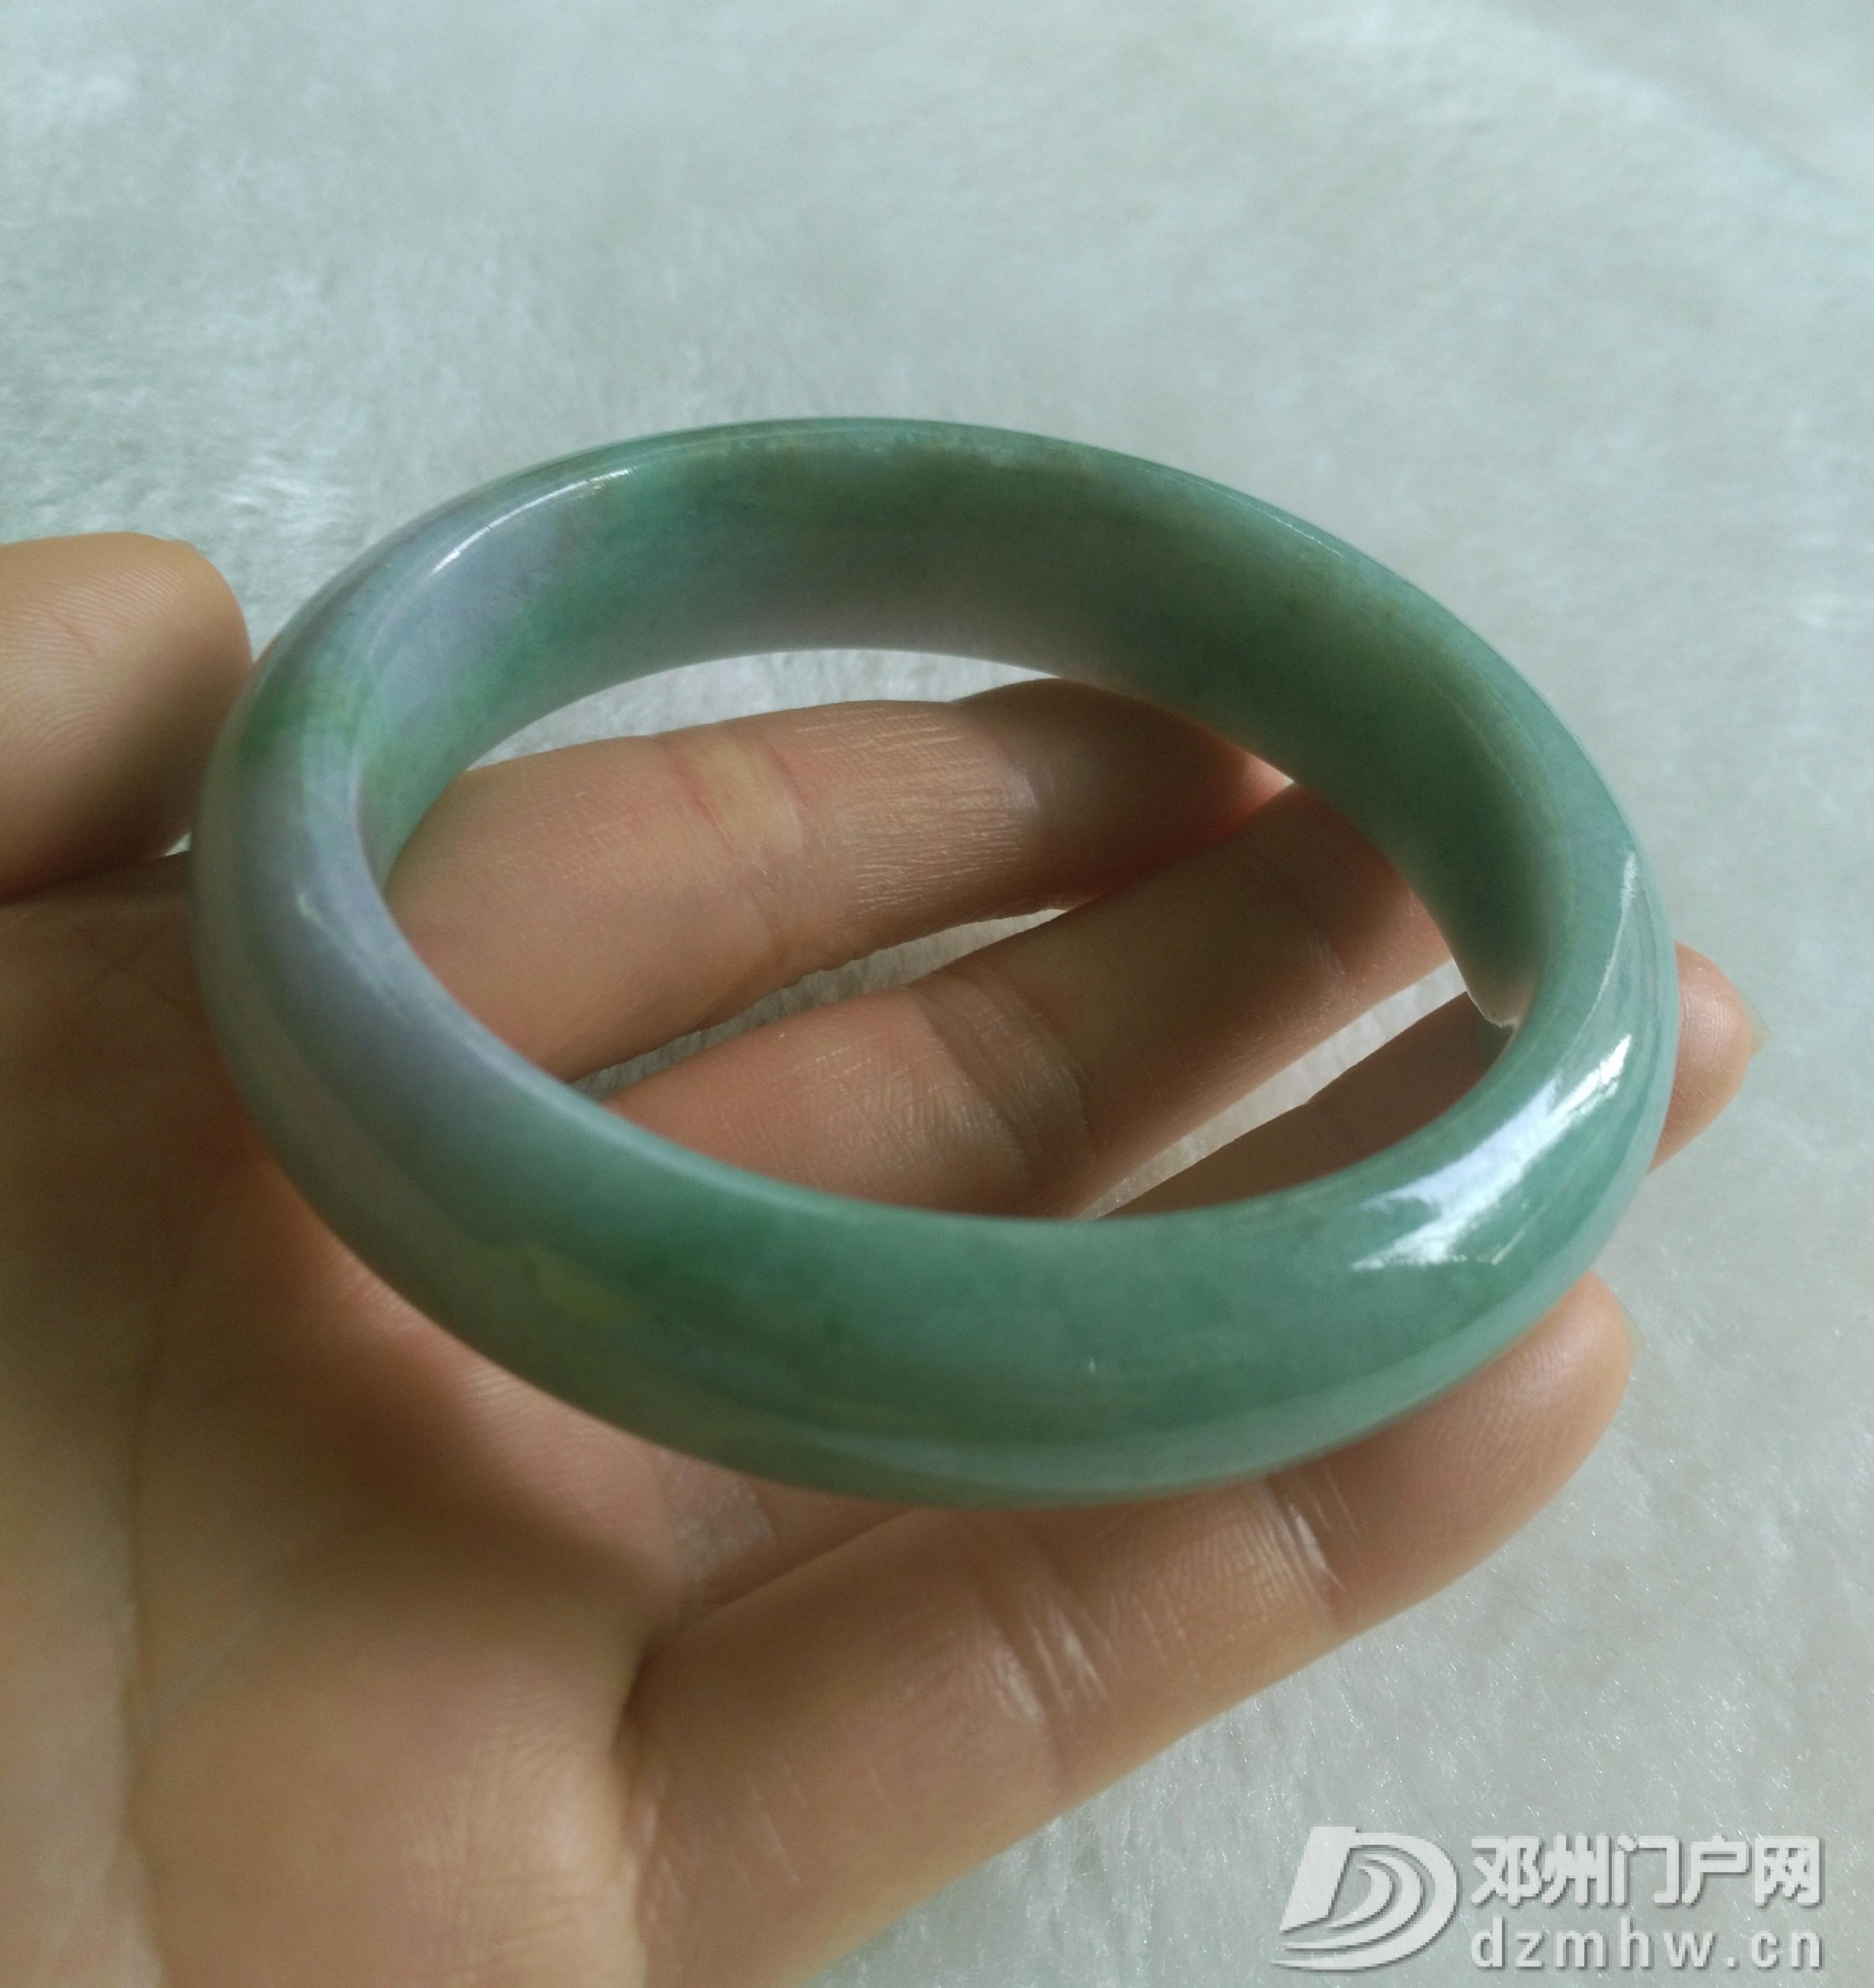 一些翡翠手镯  玉器挂件 过年了便宜促 - 邓州门户网|邓州网 - IMG_20180116_163336.jpg